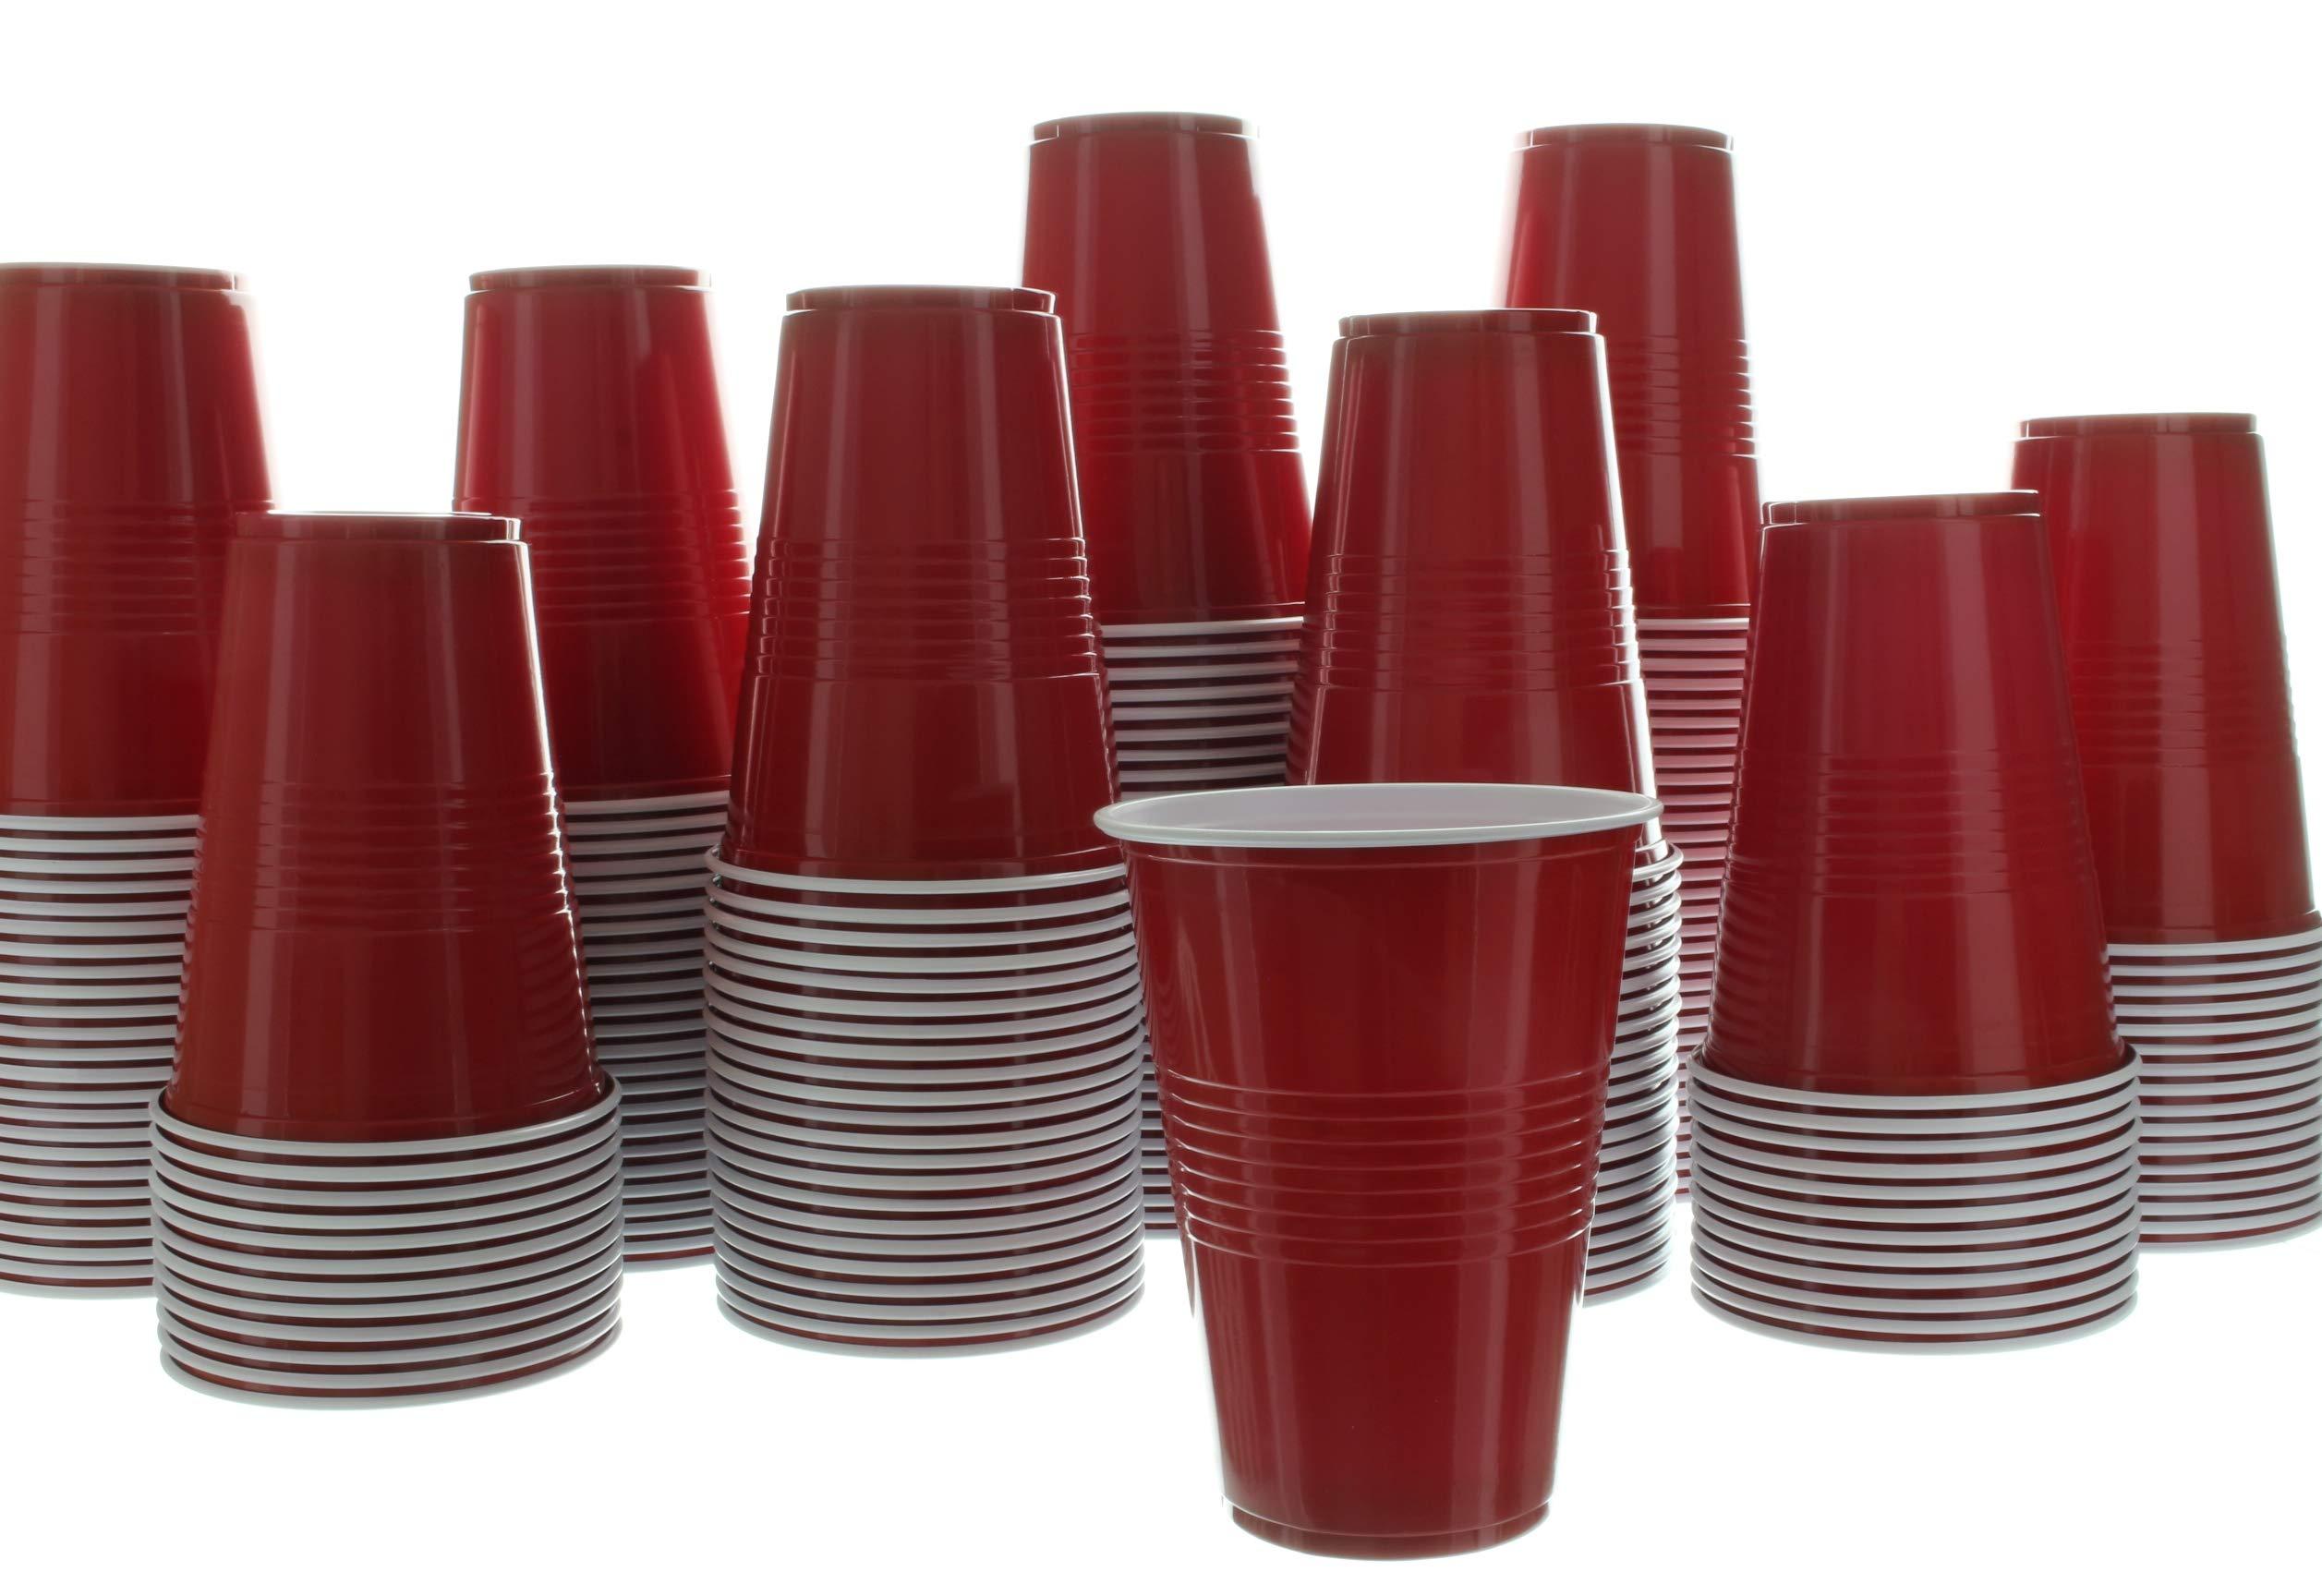 Impresserve vasos desechables para fiestas, 16 onzas de plástico rojo para bebidas frías, sodas, limonadas, sidras, cervezas, cócteles, más, 100 unidades: Amazon.es: Hogar